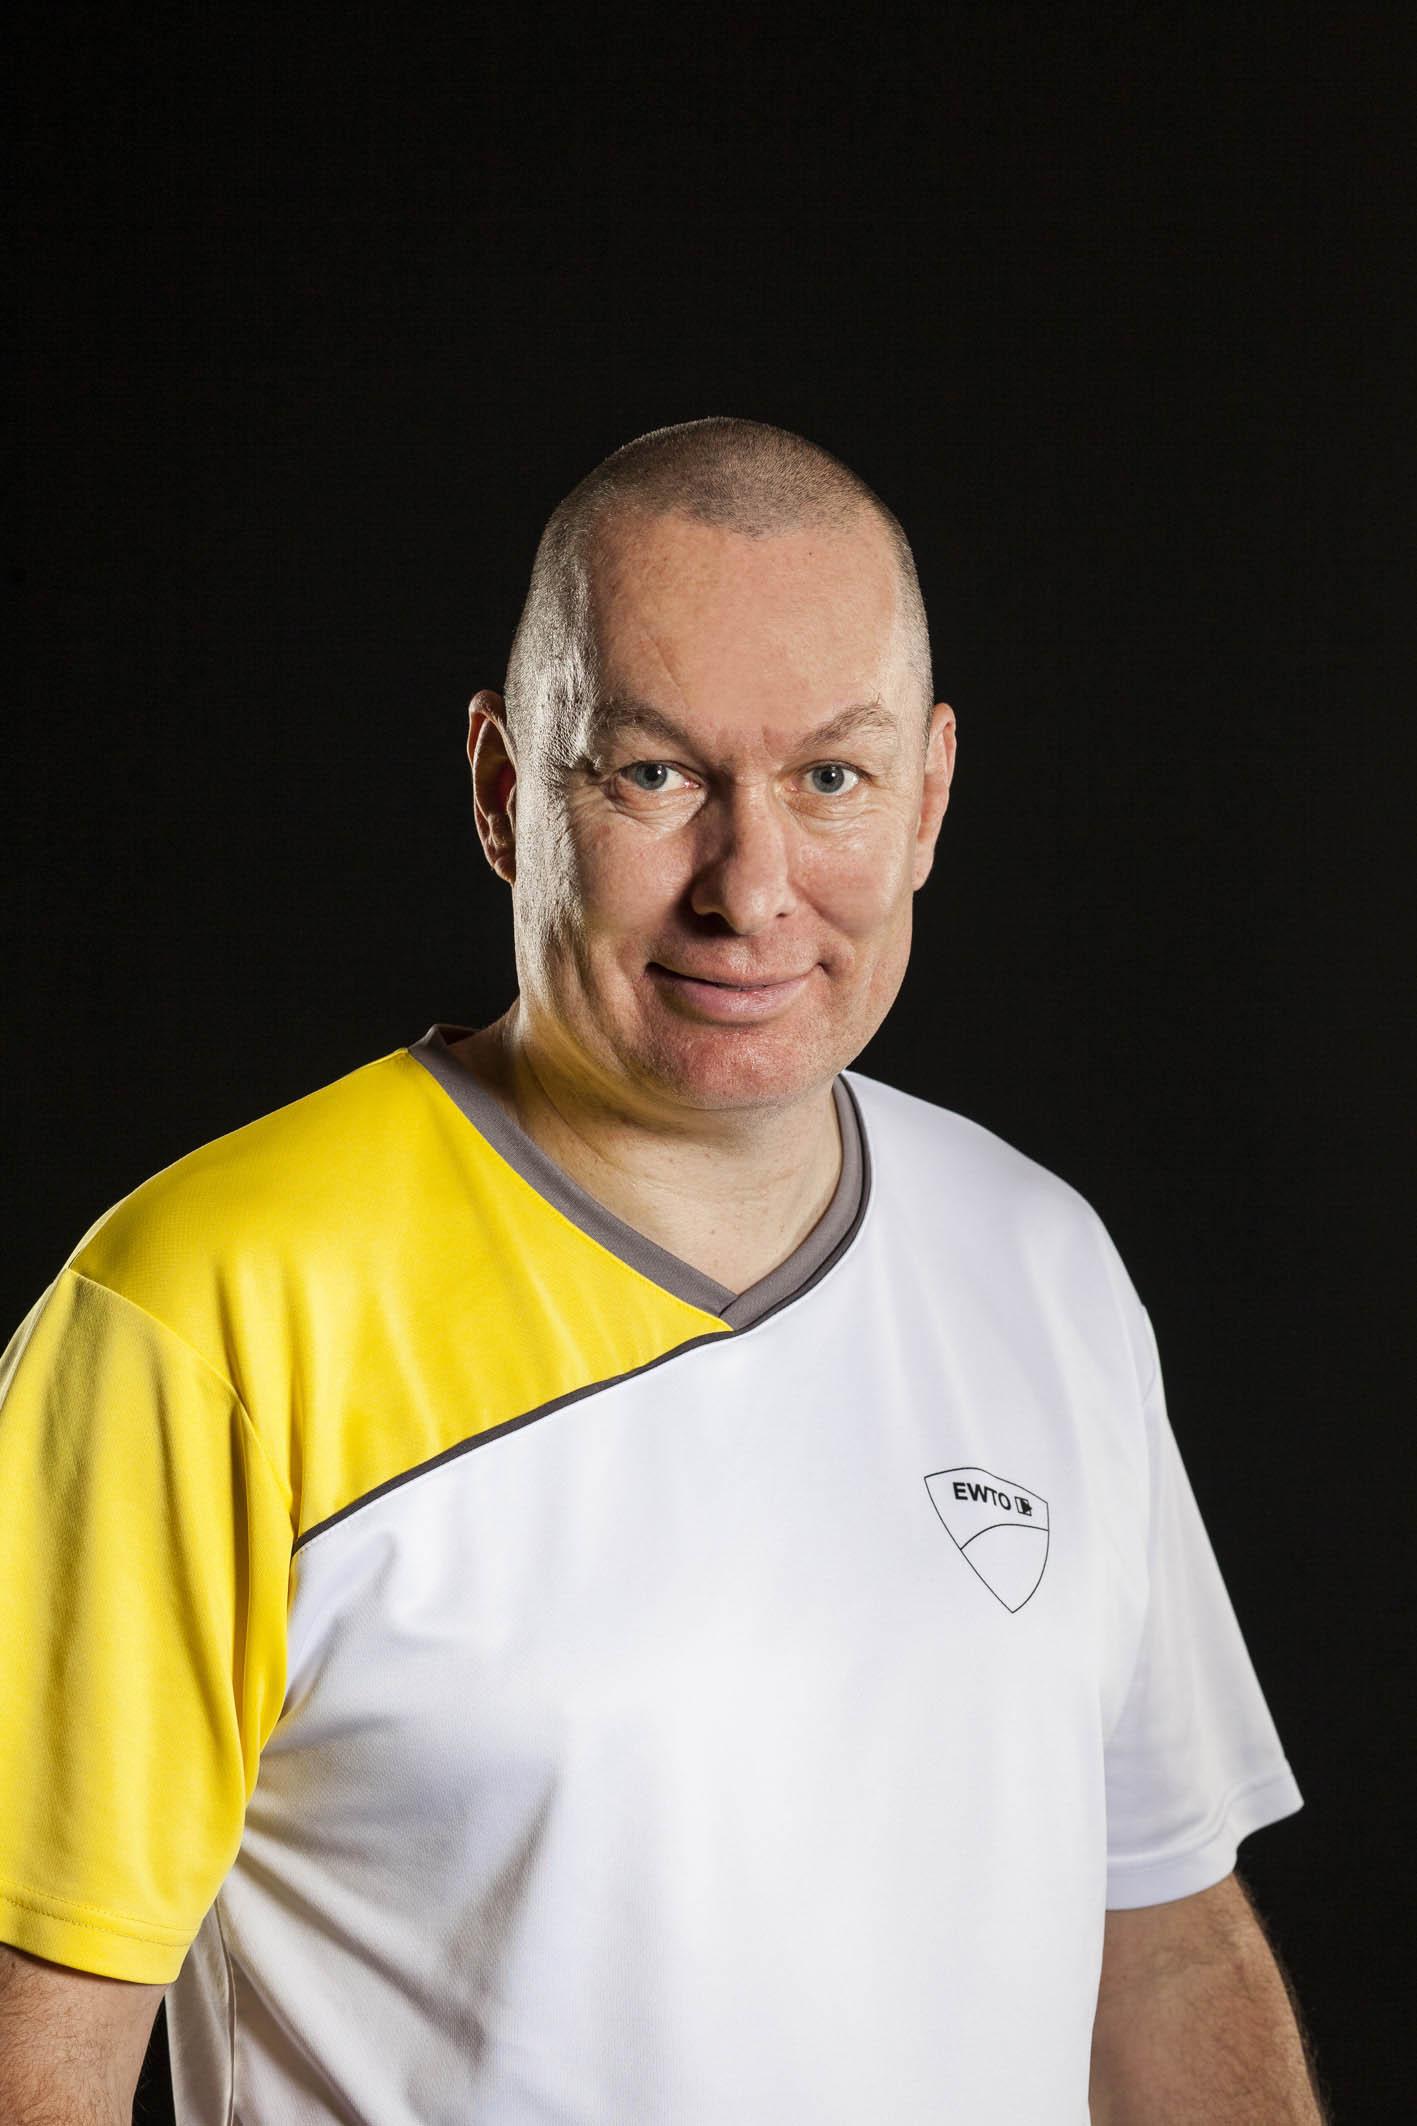 GM Dr. Oliver König 9. Großmeistergrad WingTsun 5. Meistergrad h.c. Escrima Landestrainer Österreich, Slowakische Republik, Tschech. Republik